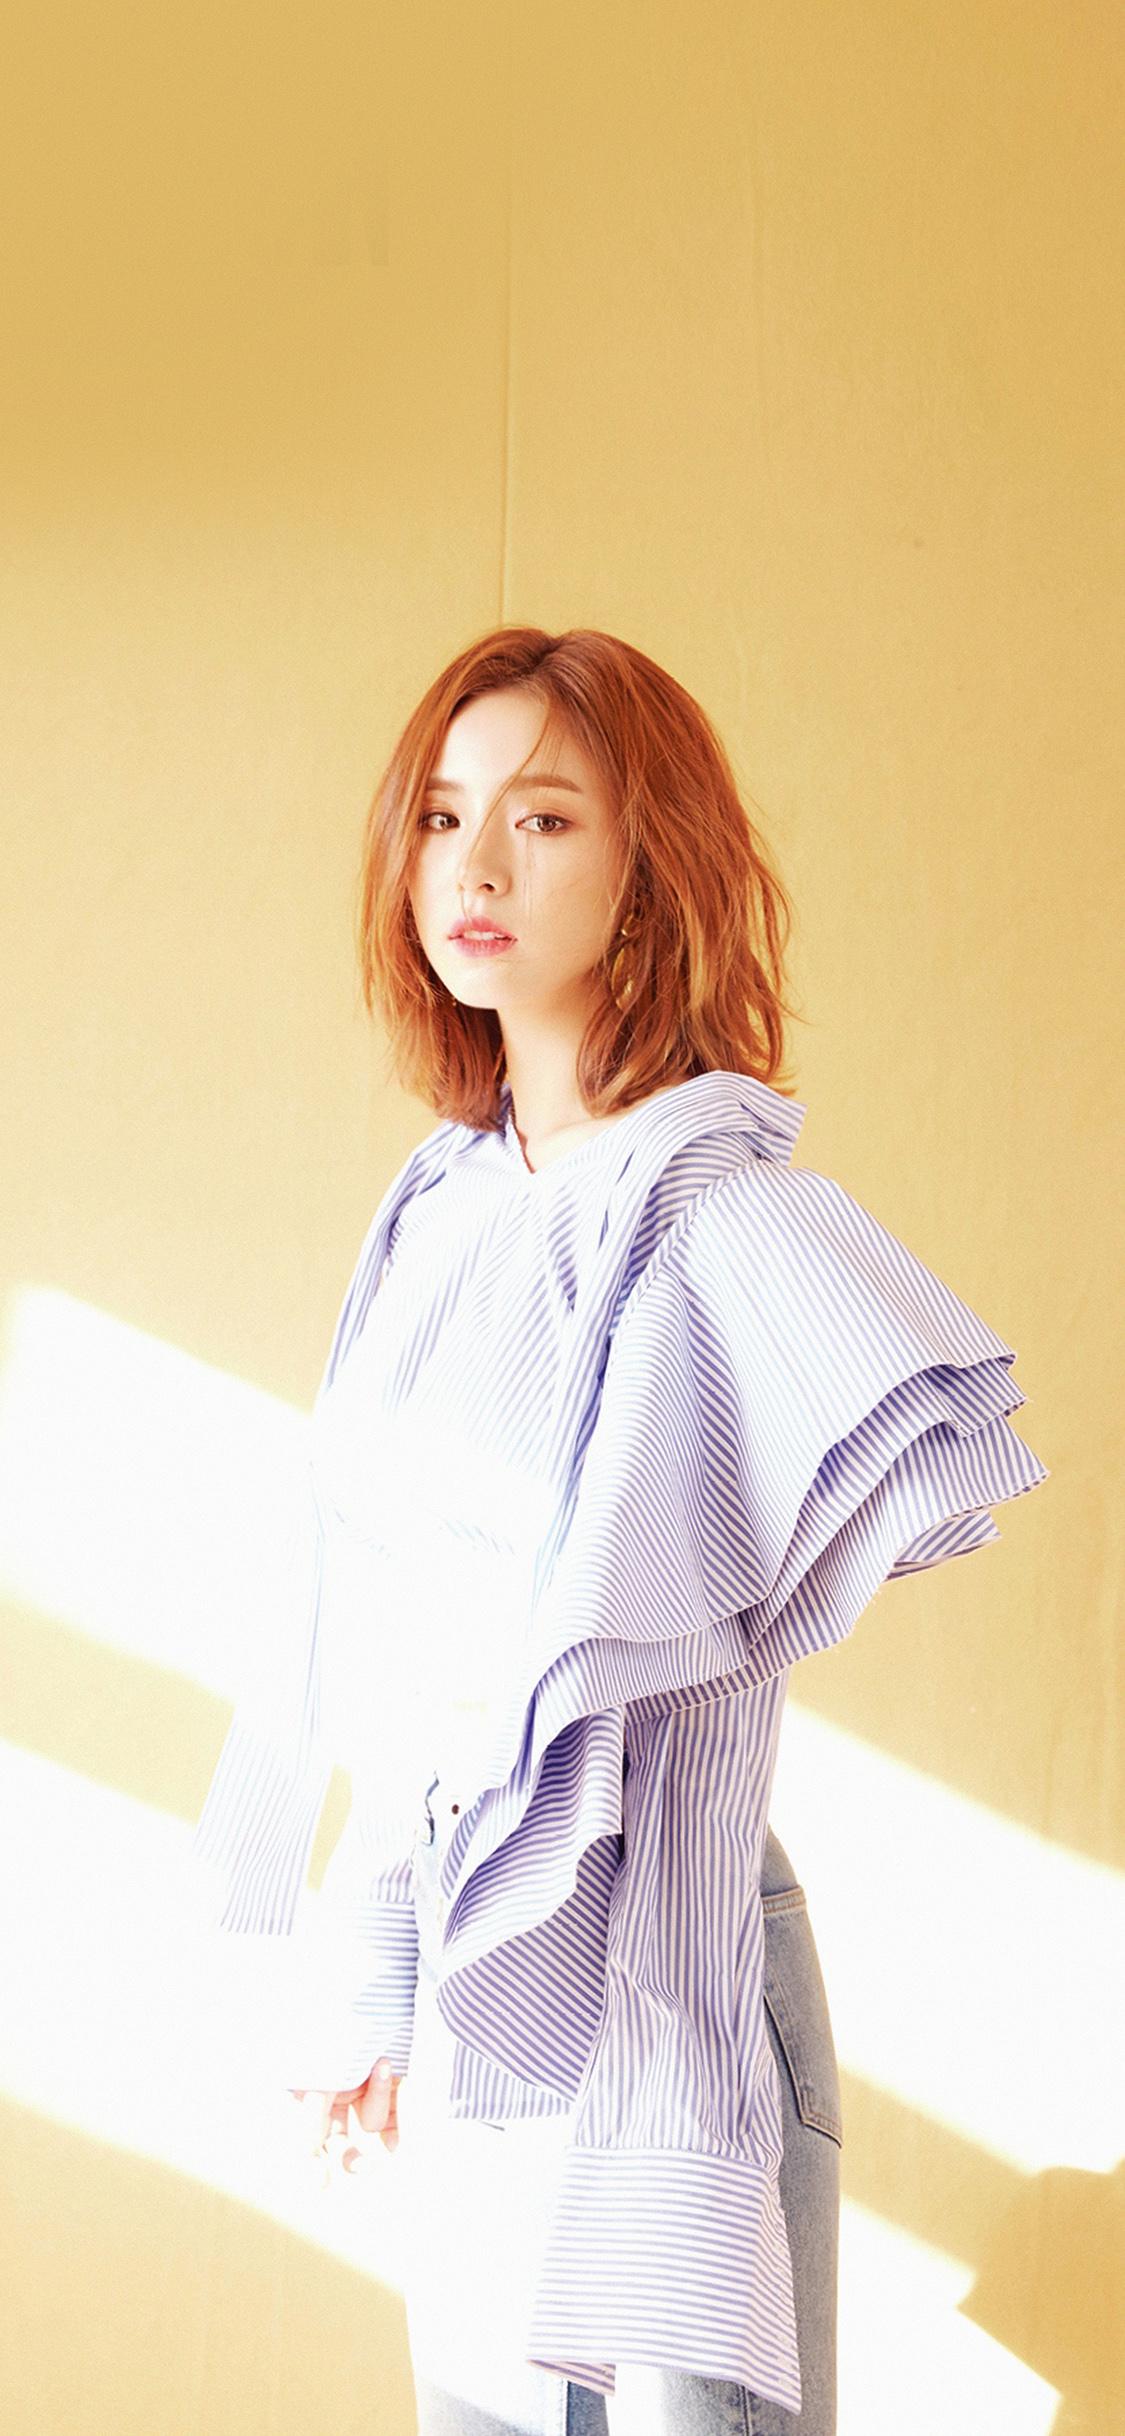 Iphone 5 Korean Girl Wallpaper Ho19 Girl Korean Asian Cute Wallpaper